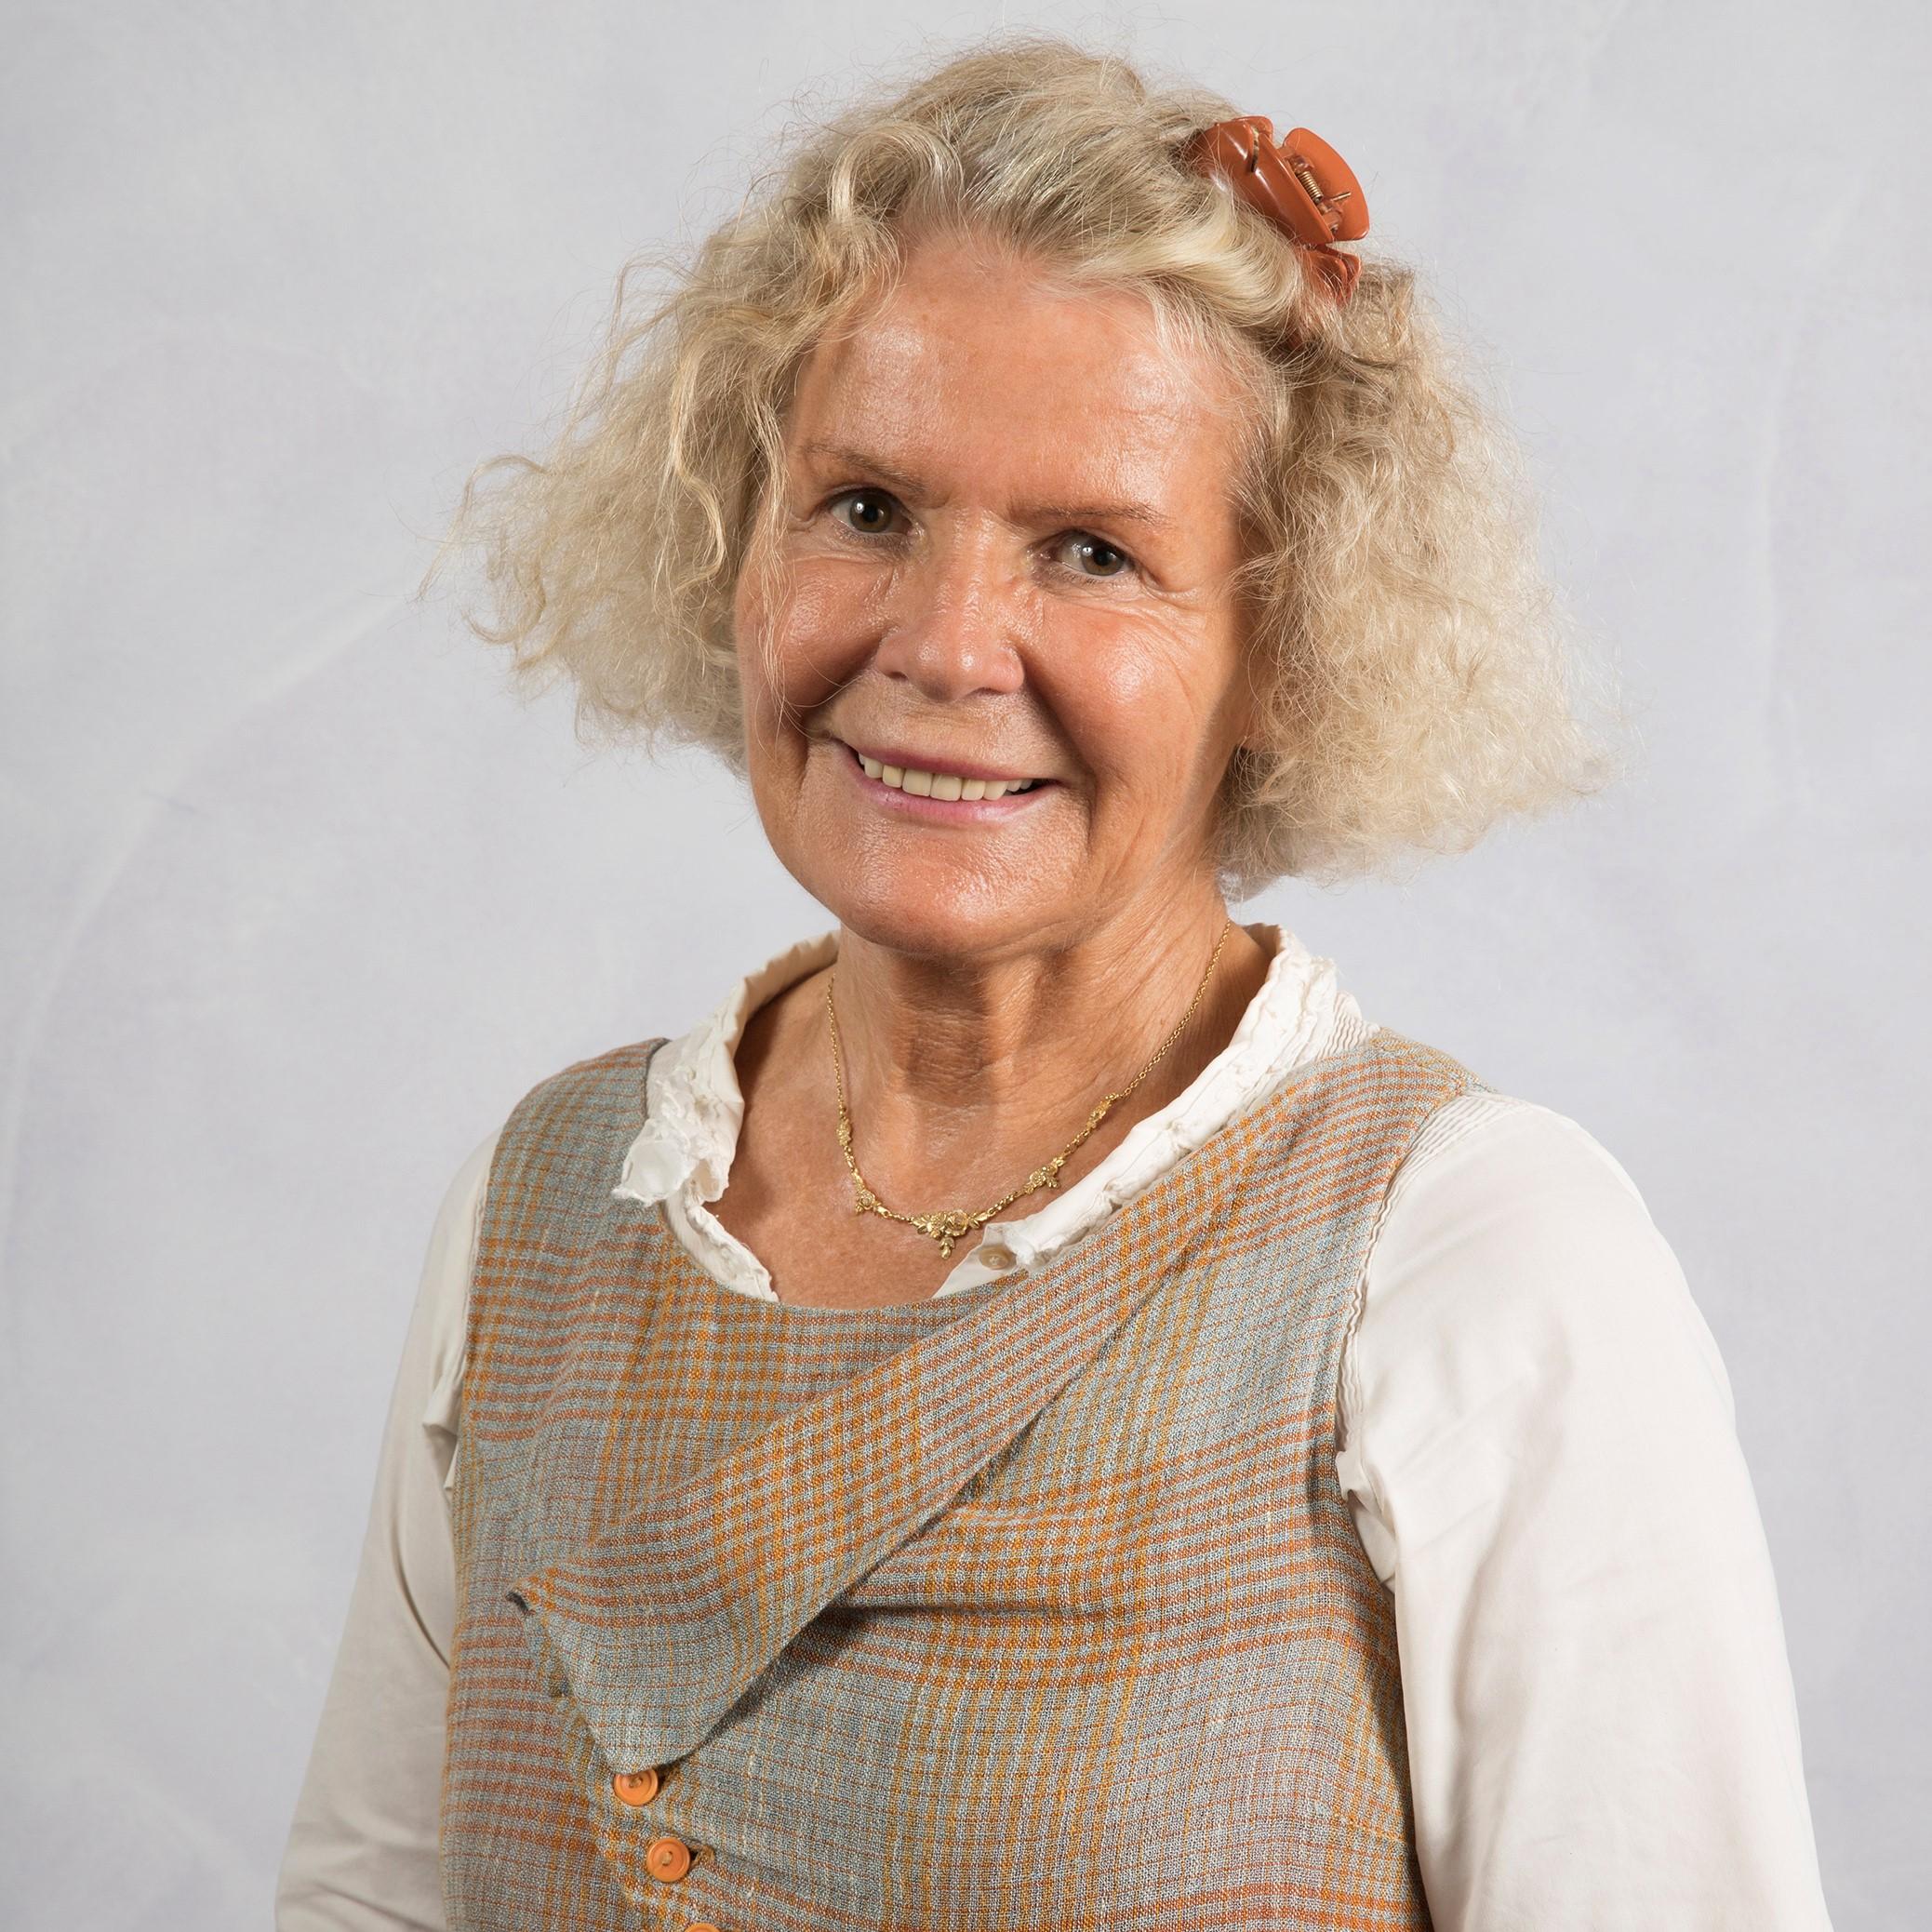 Portrait de Clotilde BERNOS - autrice présente au Salon du Livre de Royat-Chamalières 2020